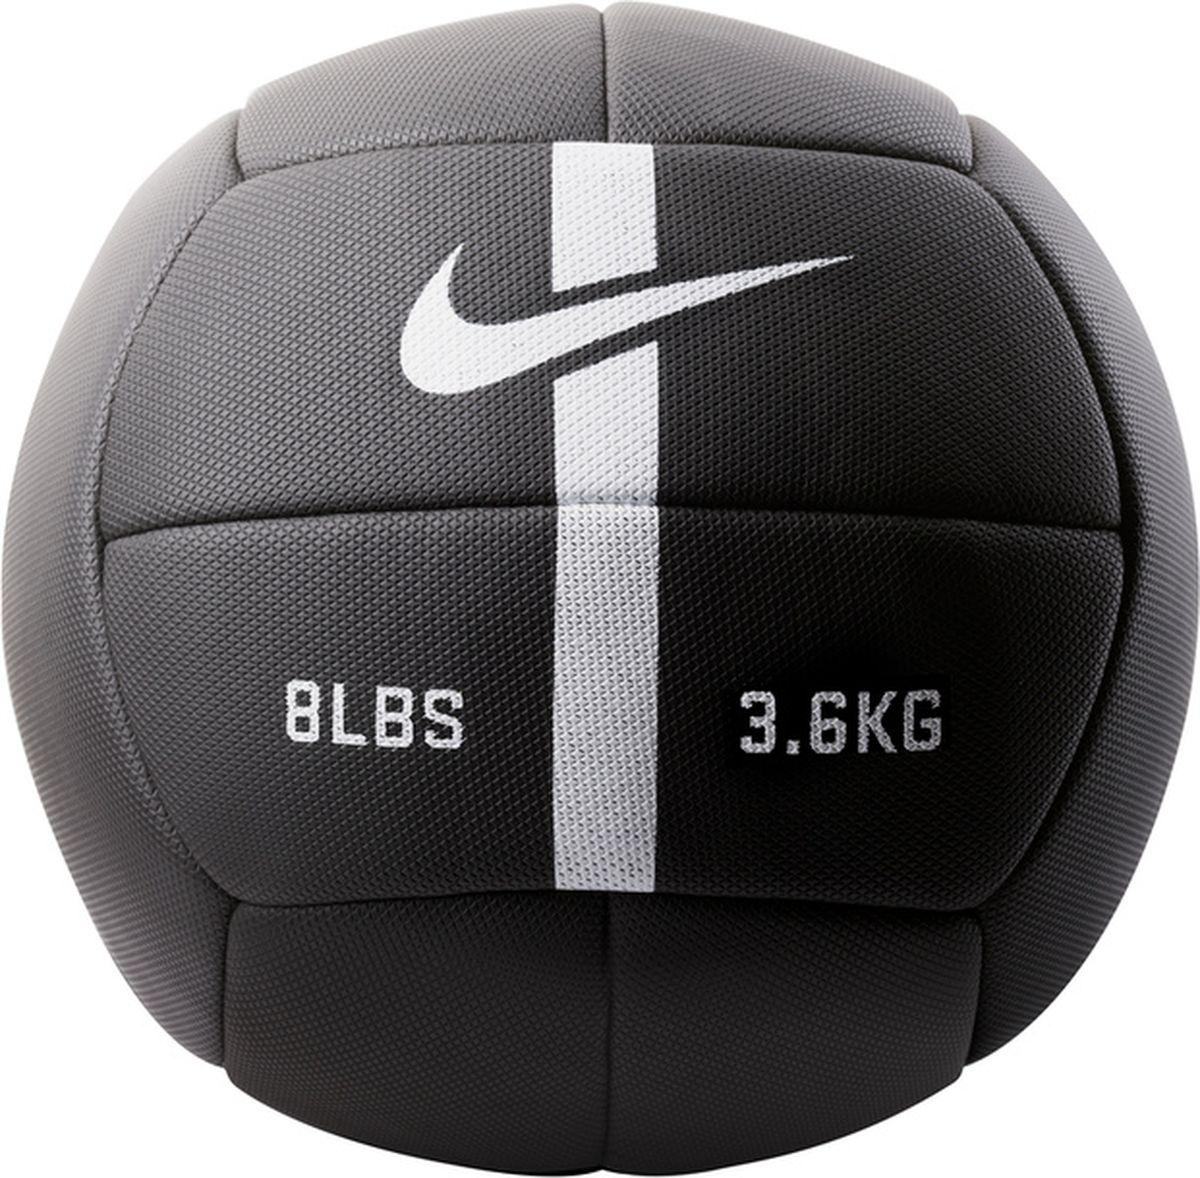 Мяч для фитнеса Nike Strength Training Ball, цвет: черный, белый. N.EW.05.010.NS мяч баскетбольный nike skills цвет пурпурный черный белый размер 3